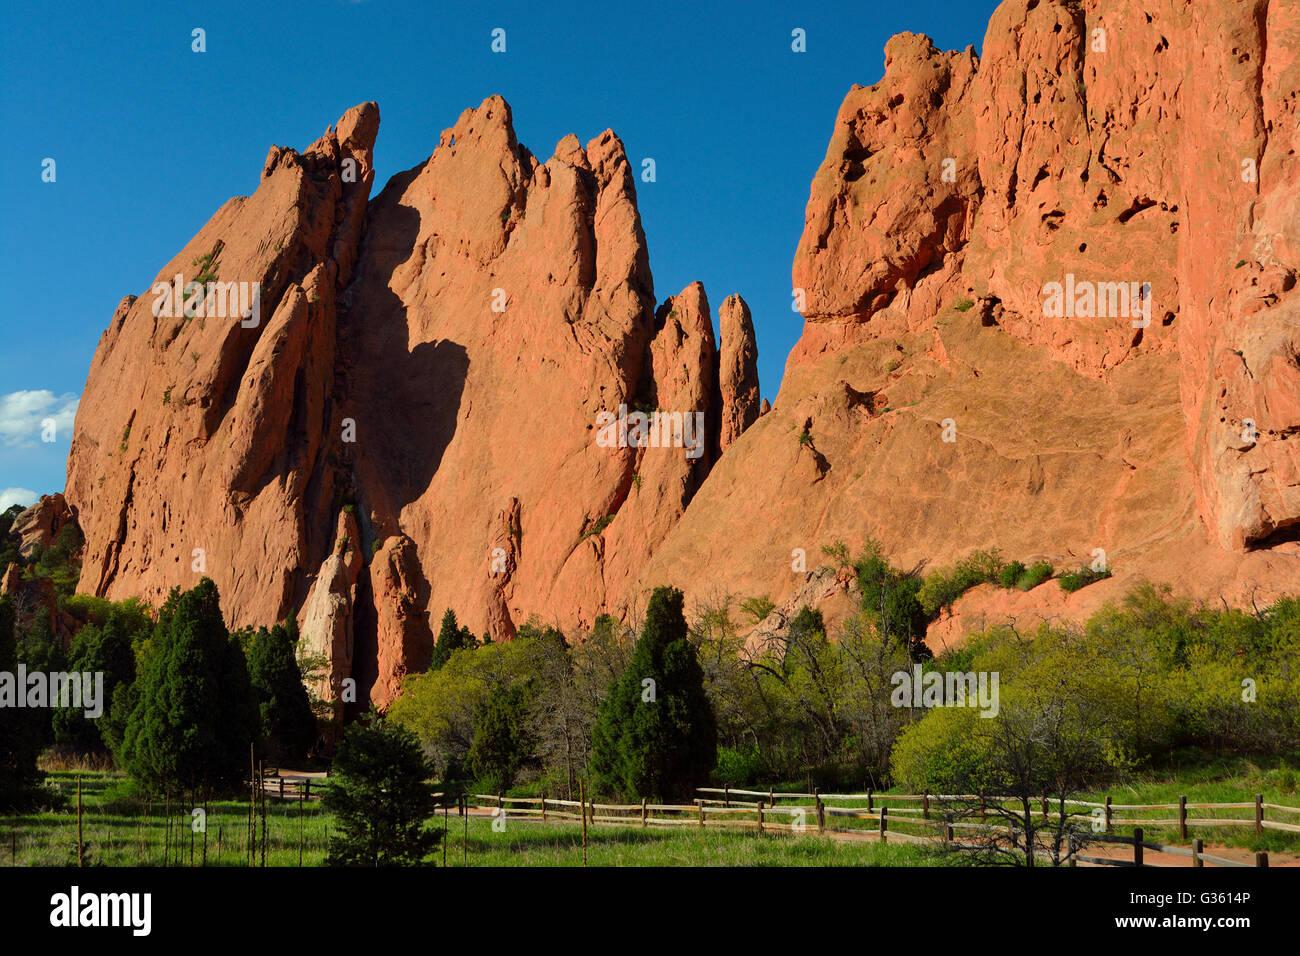 Garden of the Gods Colorado Springs - Stock Image